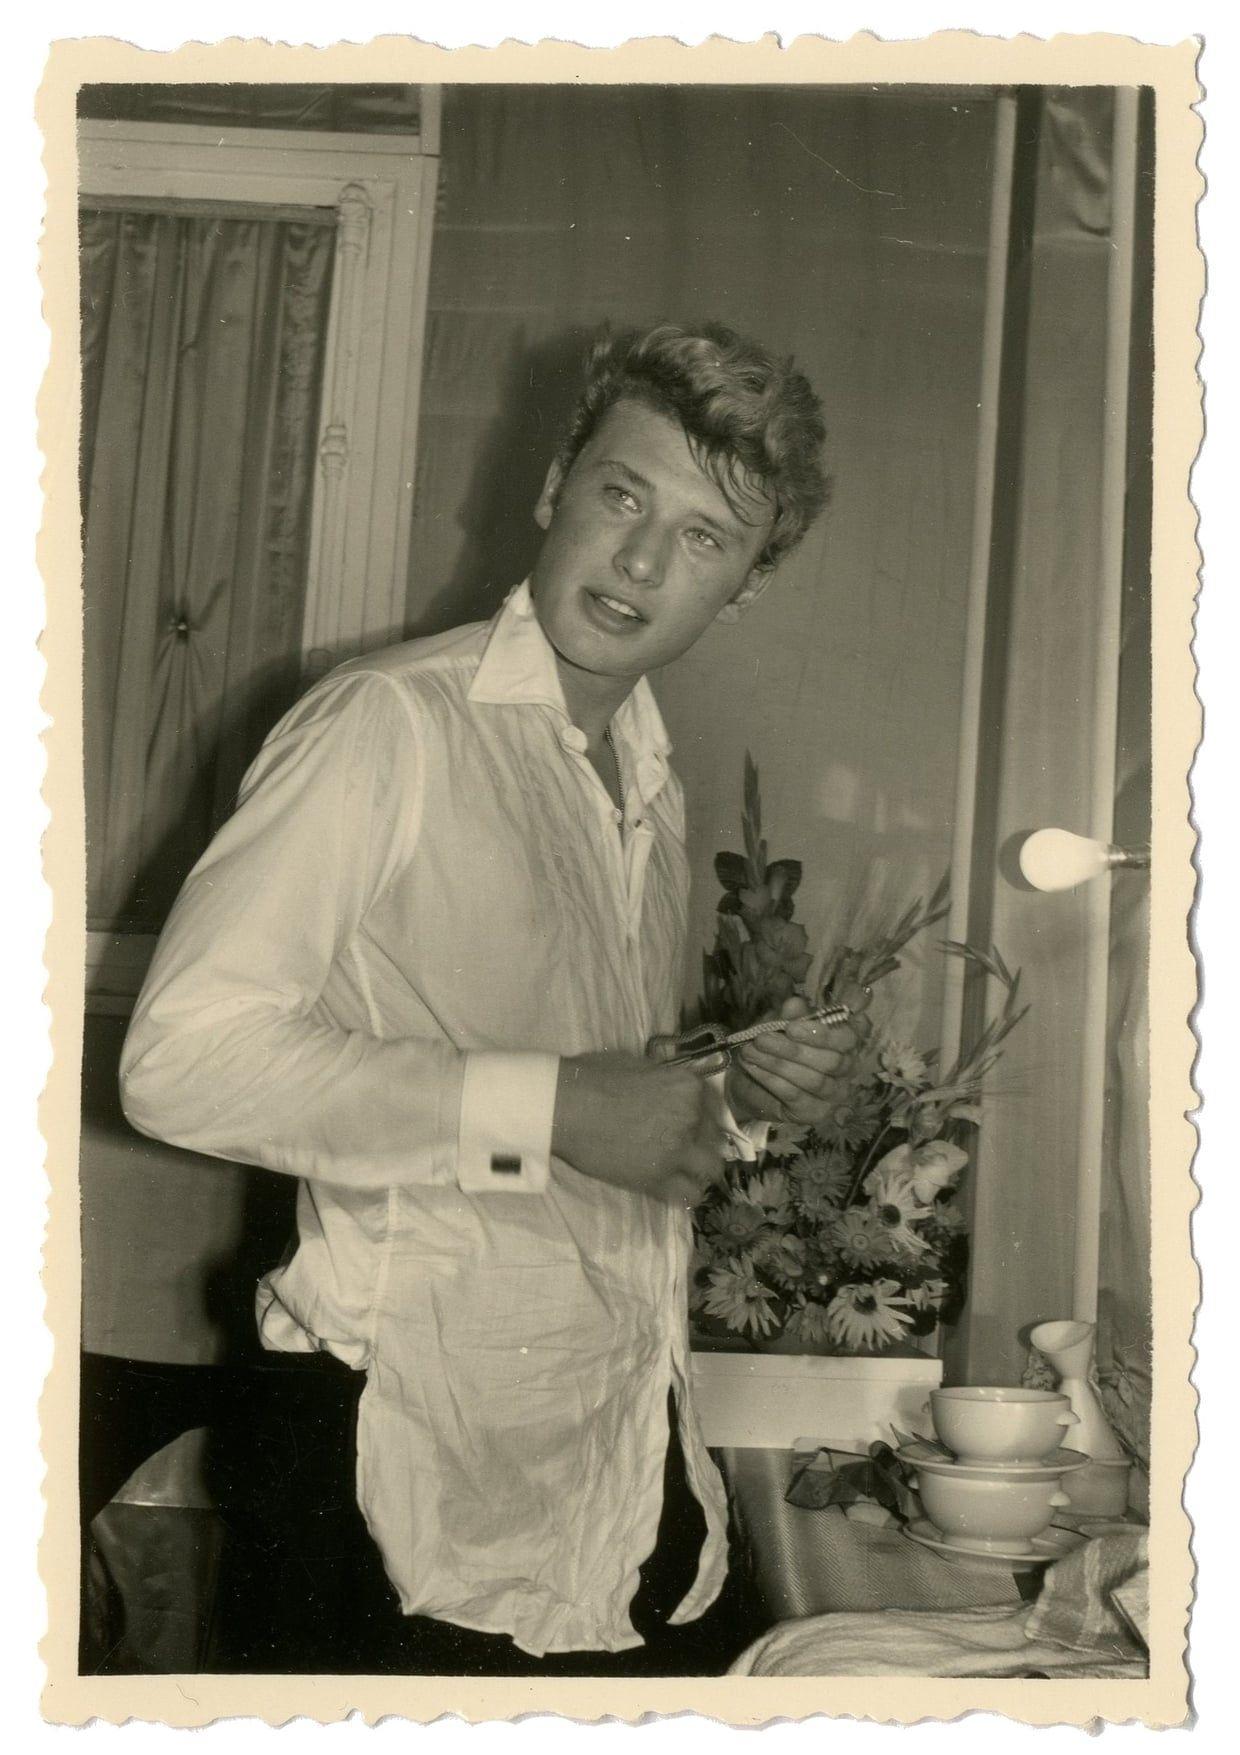 Johnny Hallyday 1956 dieulois